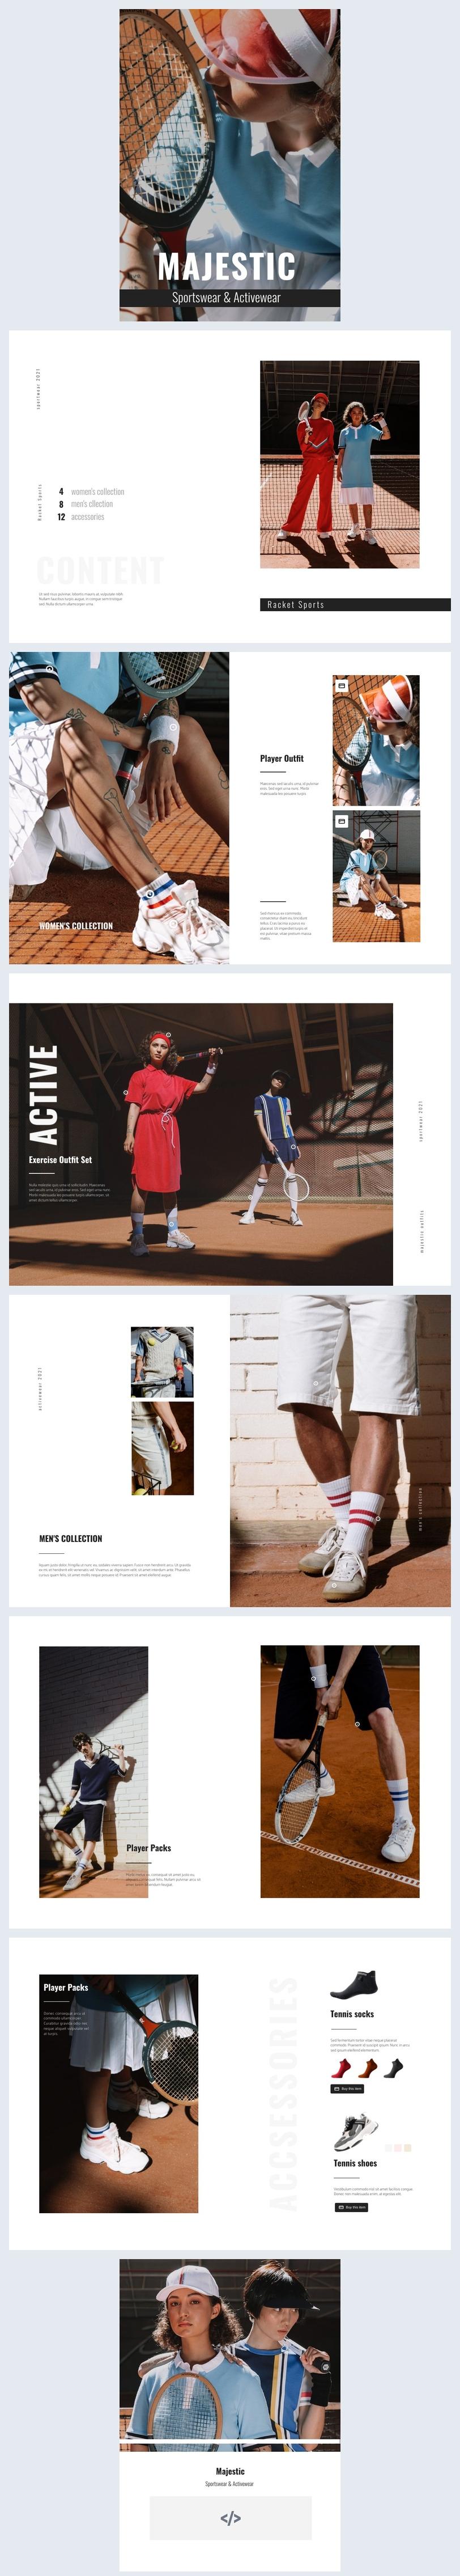 Grafica per lookbook interattivo di abbigliamento sportivo